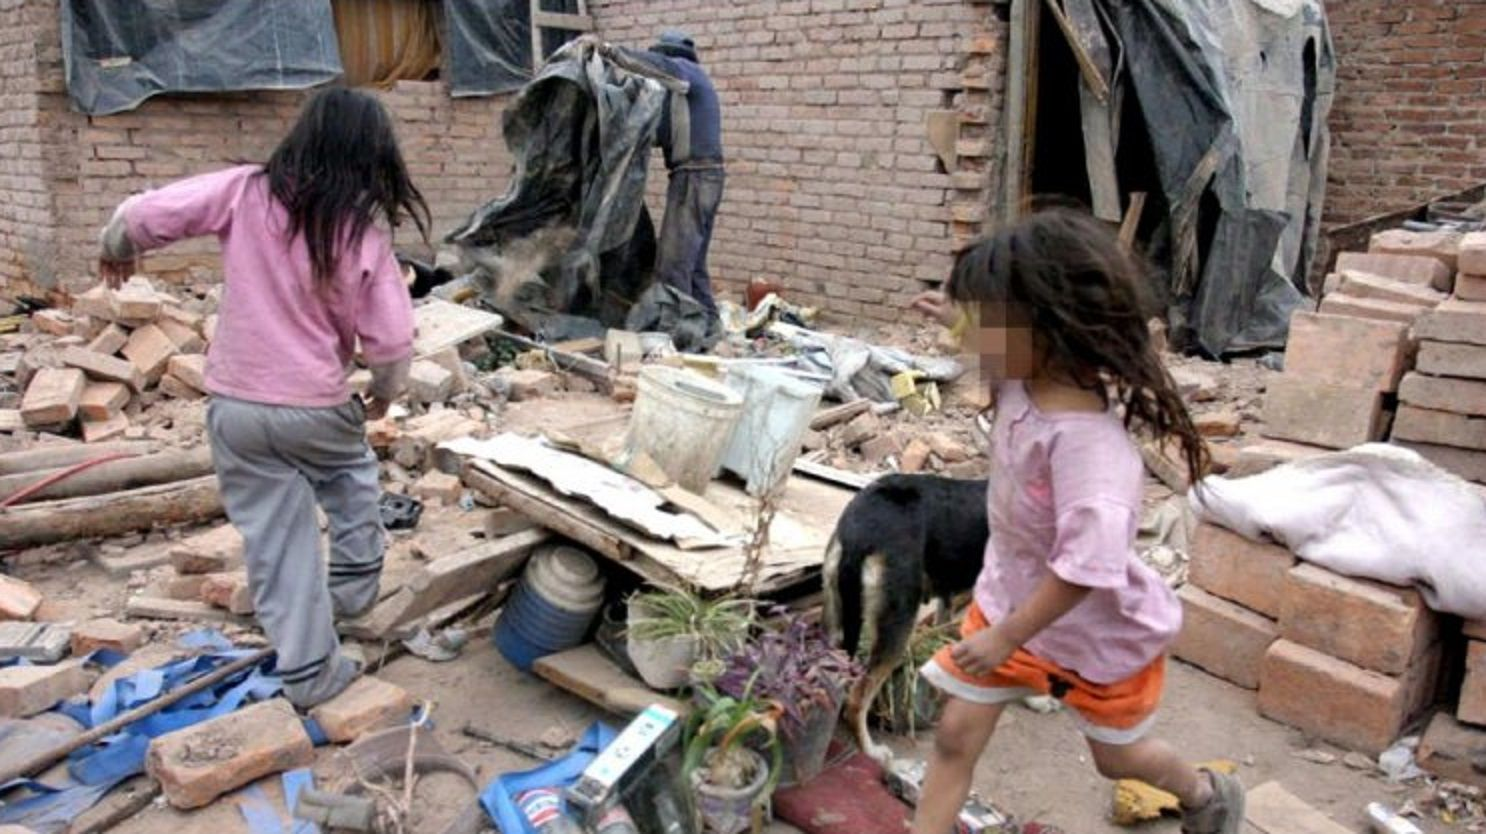 Datos que duelen: uno de cada tres chicos argentinos tiene que alimentarse en comedores infantiles